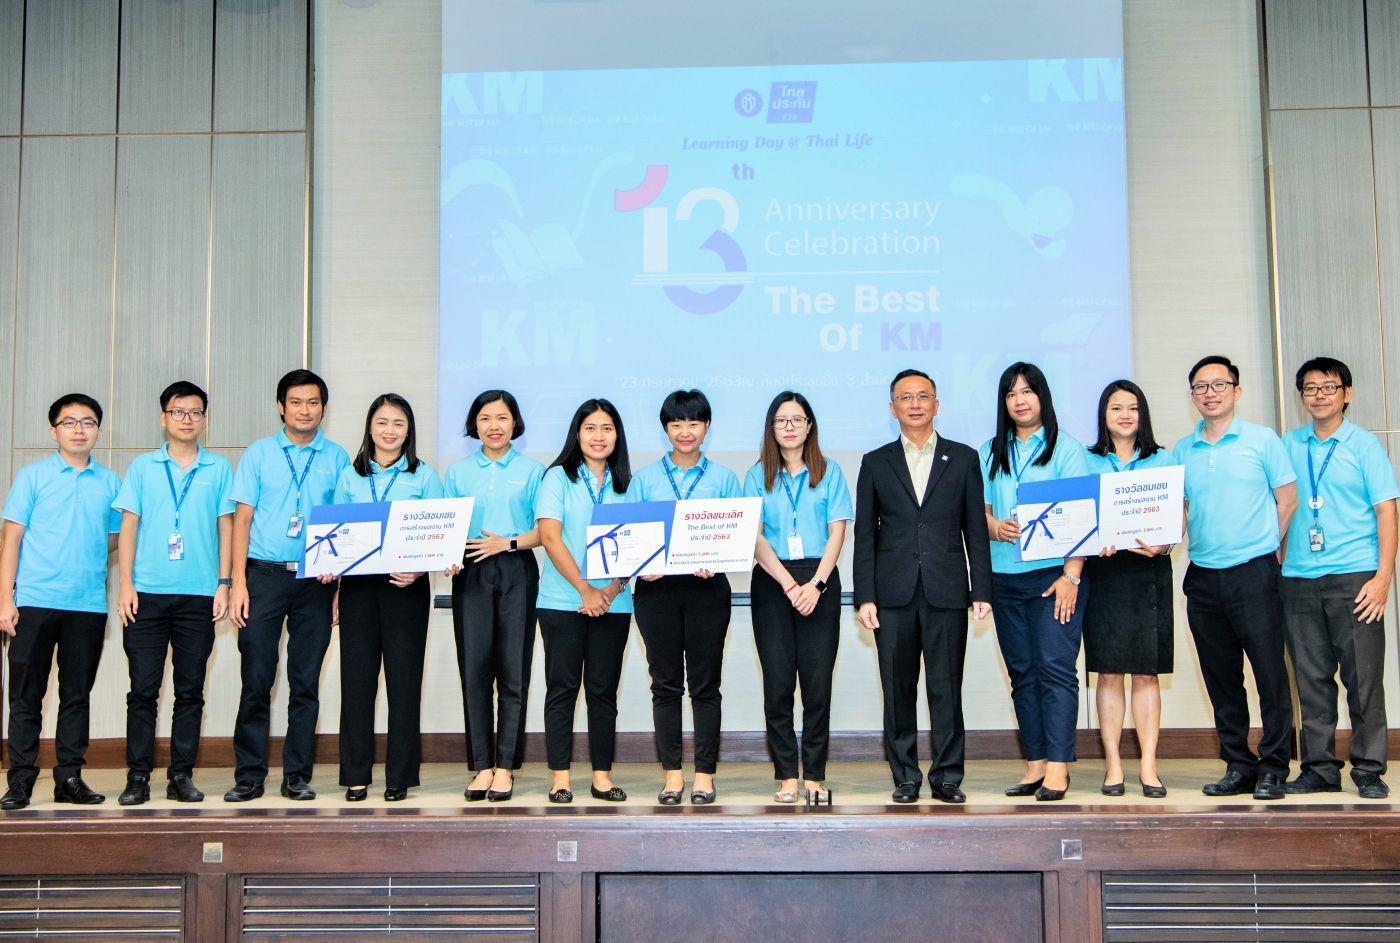 ไทยประกันชีวิต ก้าวสู่ 13 ปี องค์กรแห่งการเรียนรู้ มอบรางวัล The Best of KM ผลักดันบุคลากร Upskill-Reskill อย่างต่อเนื่อง ผ่านโครงการ Learning Day @ Thailife